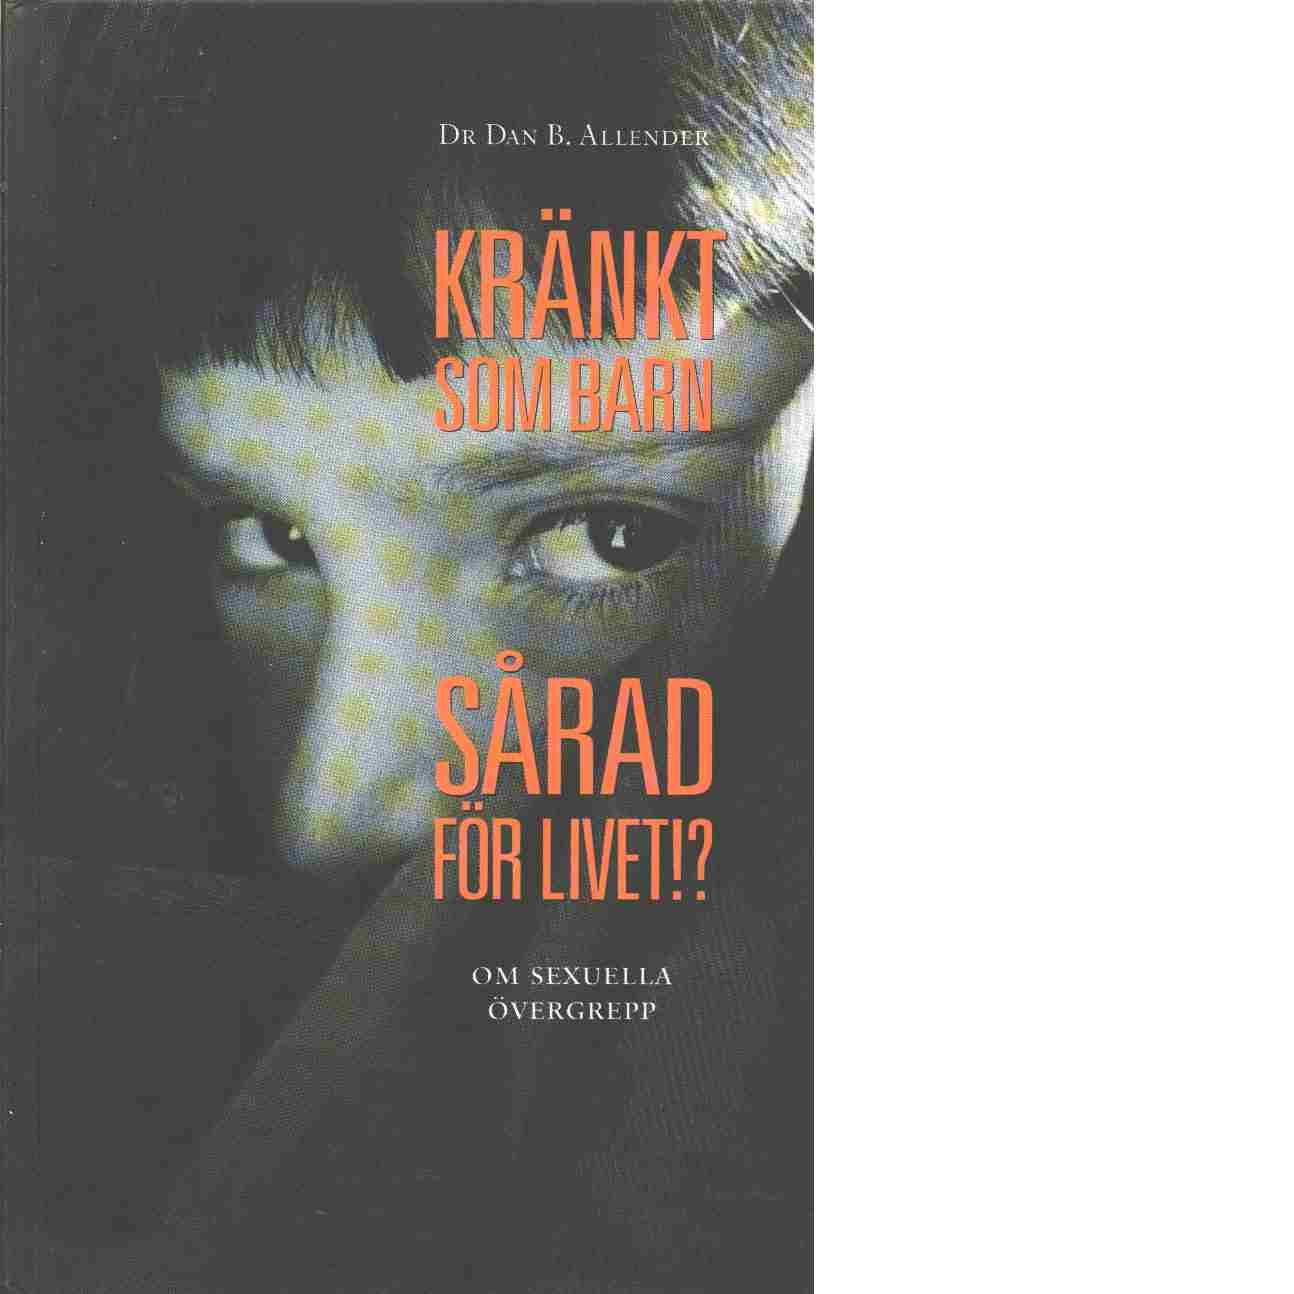 Kränkt som barn - sårad för livet!? : om sexuella övergrepp - Allender, Dan B.